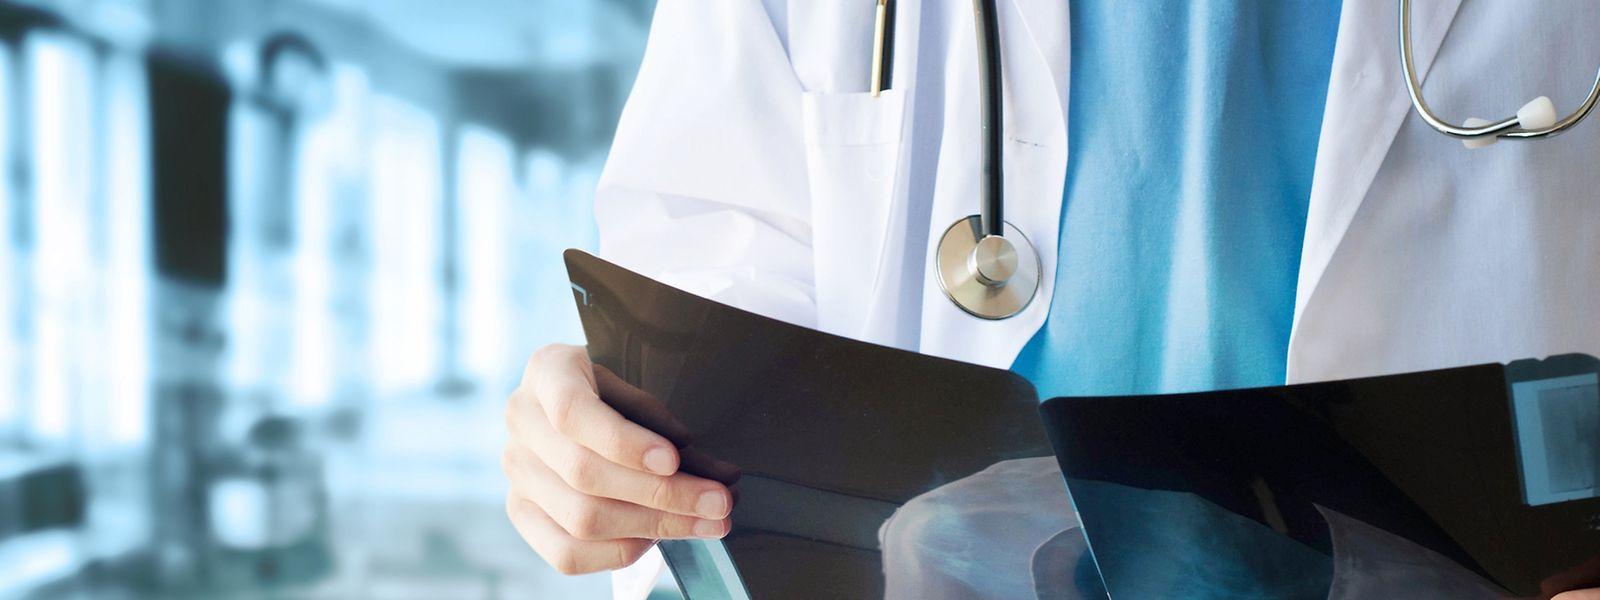 Vier Spitalgruppen - das CHL, das Chem, das Centre hospitalier du Nord und die Hôpitaux Robert Schuman - bilden das Rückgrat der Krankenhausversorgung.